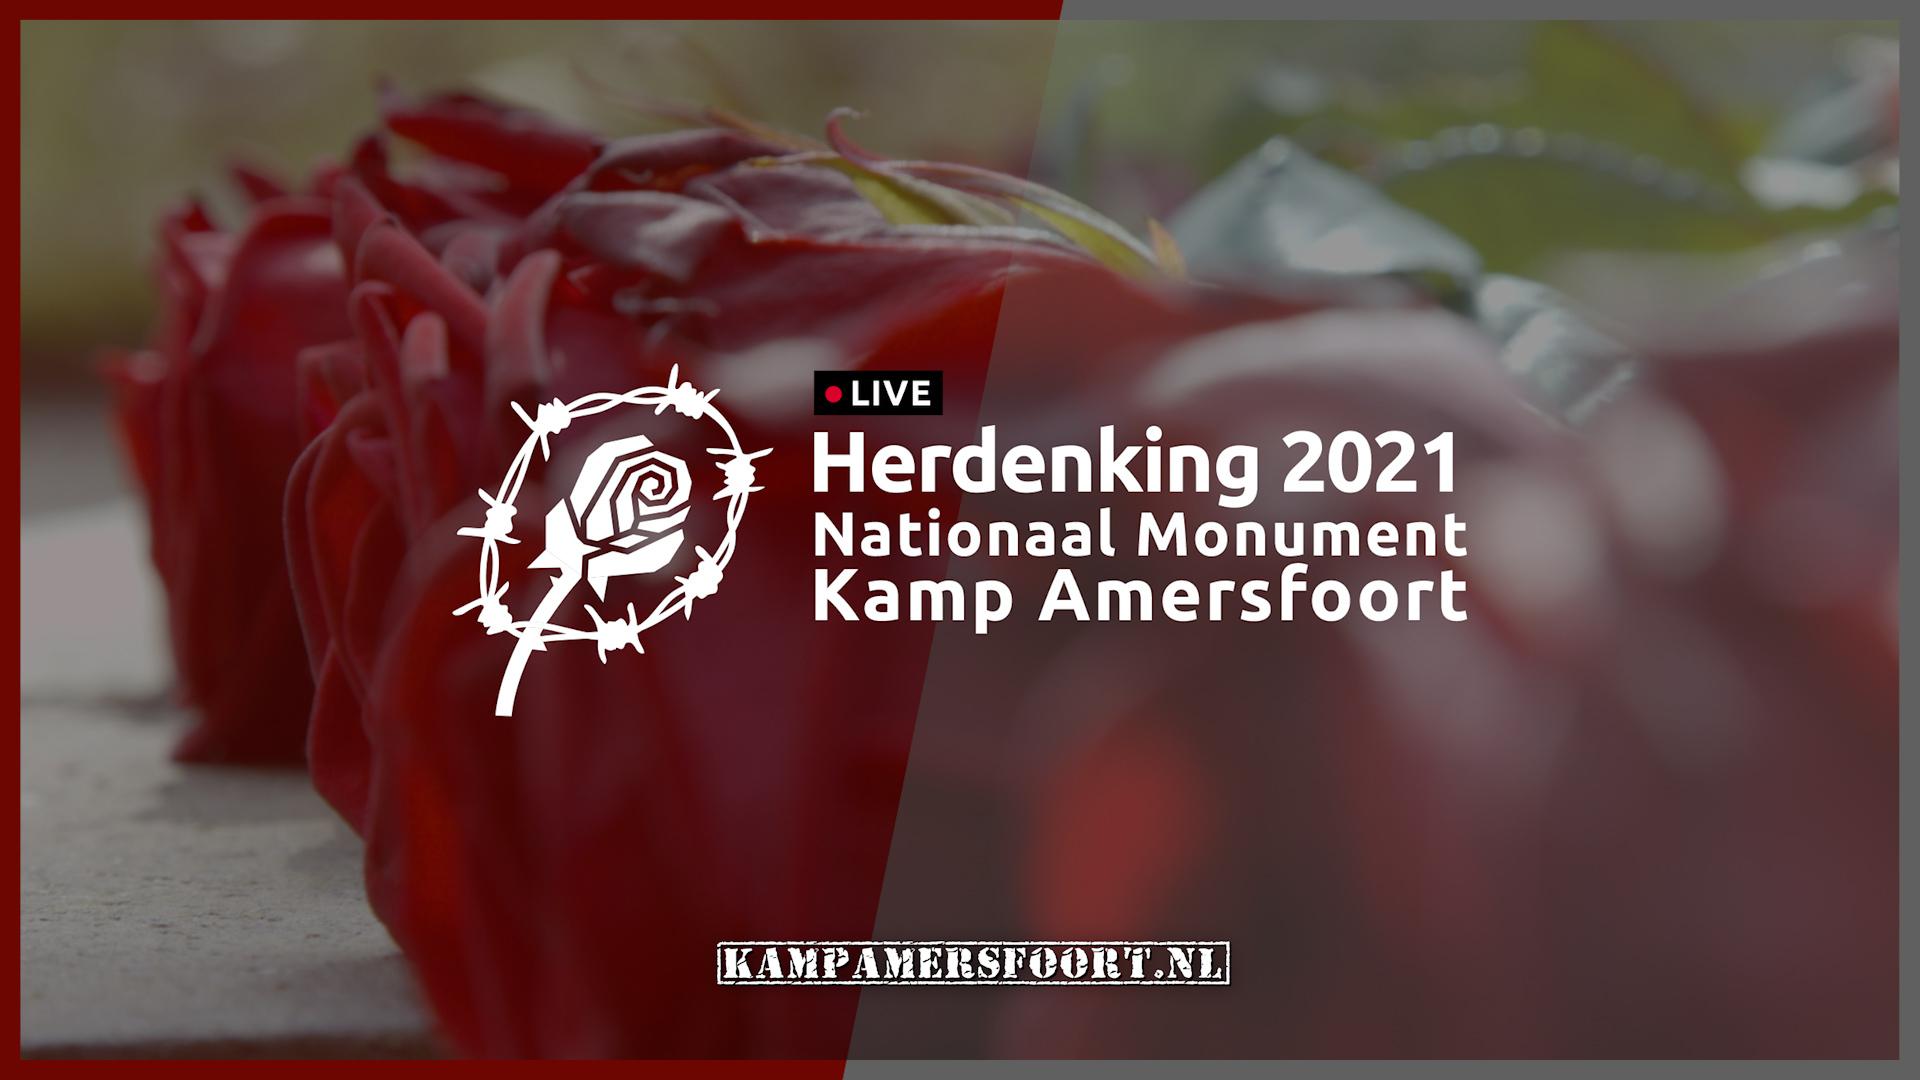 online herdenking Kamp Amersfoort 2021